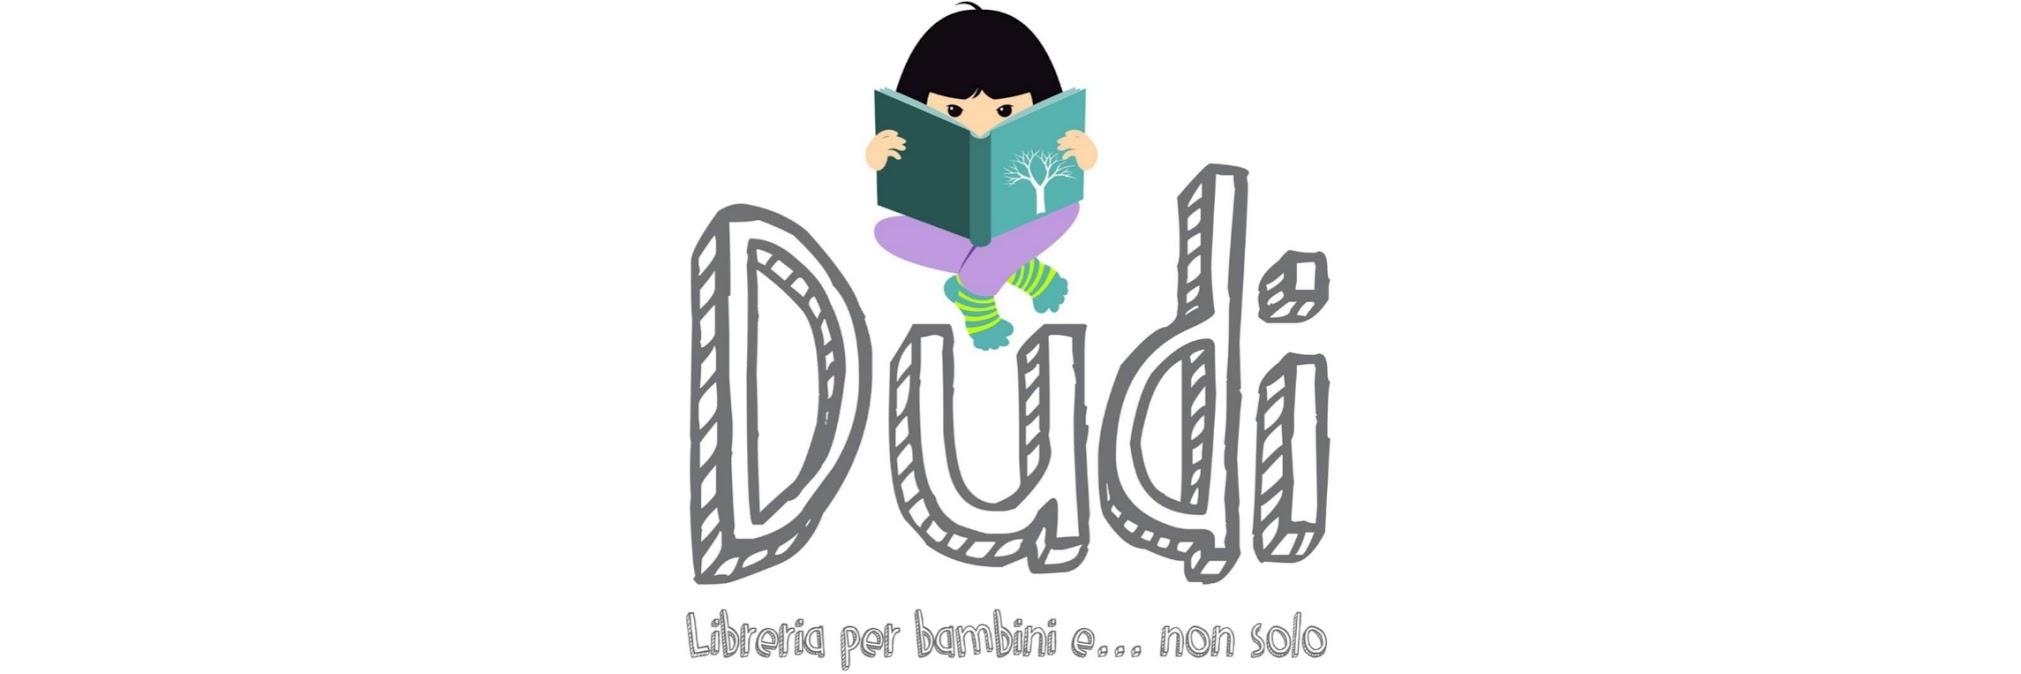 Librerie per bambini Palermo